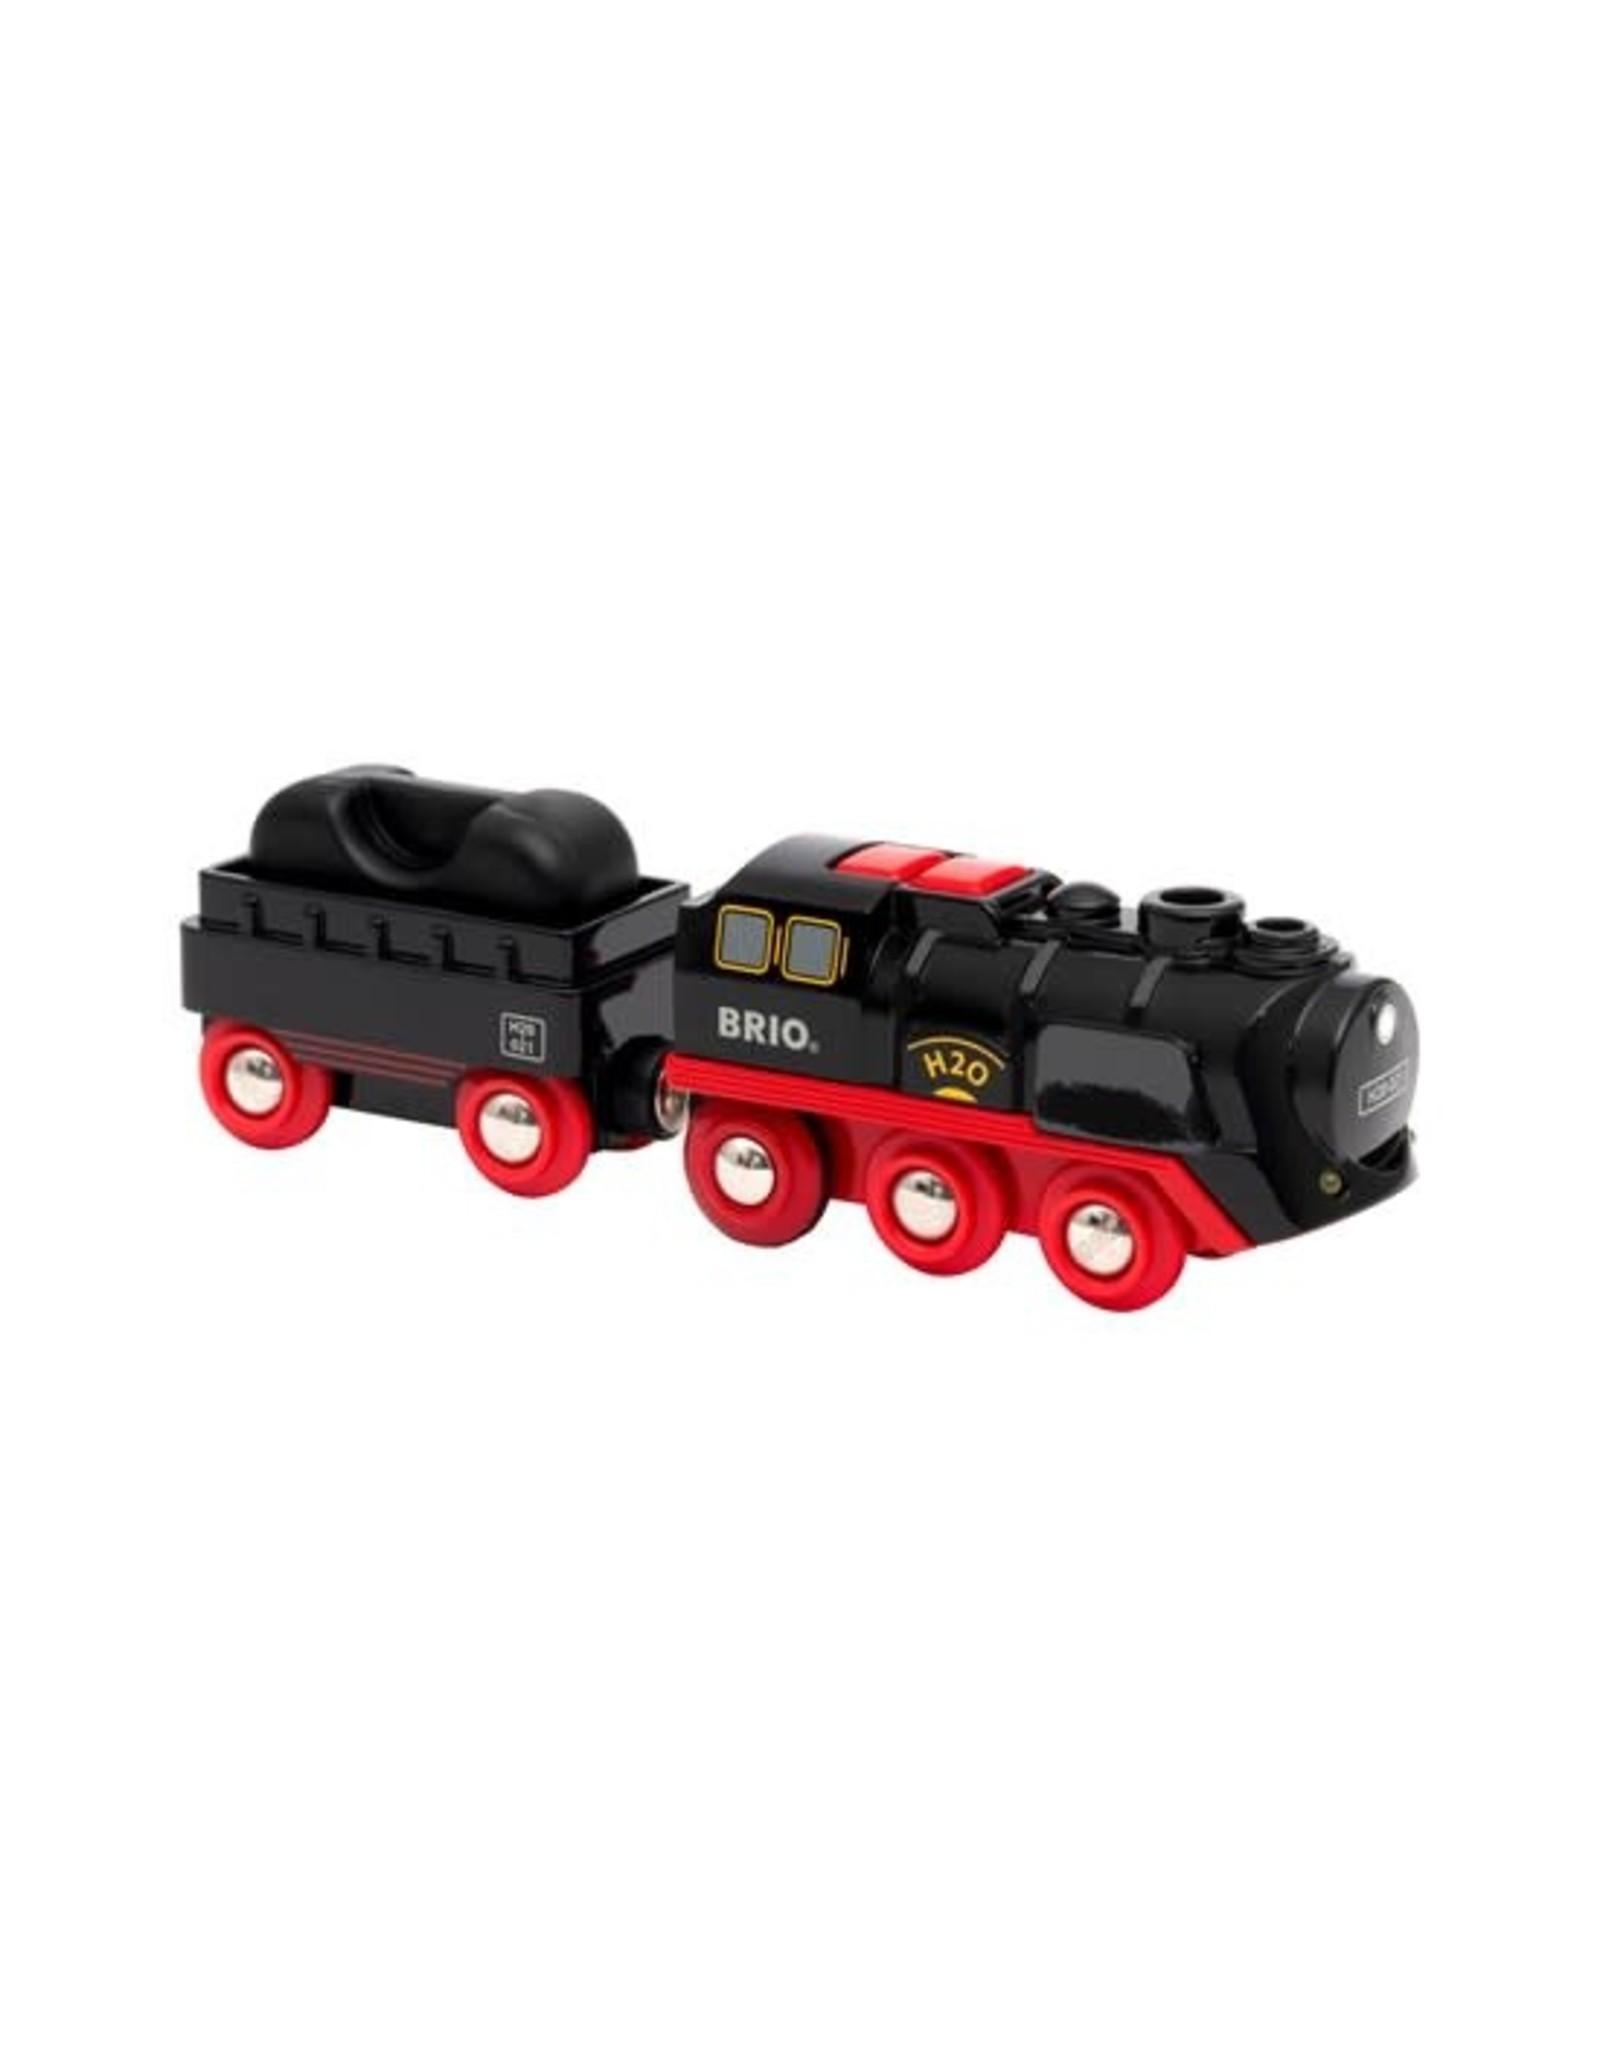 Brio Battery Operated Steam Train